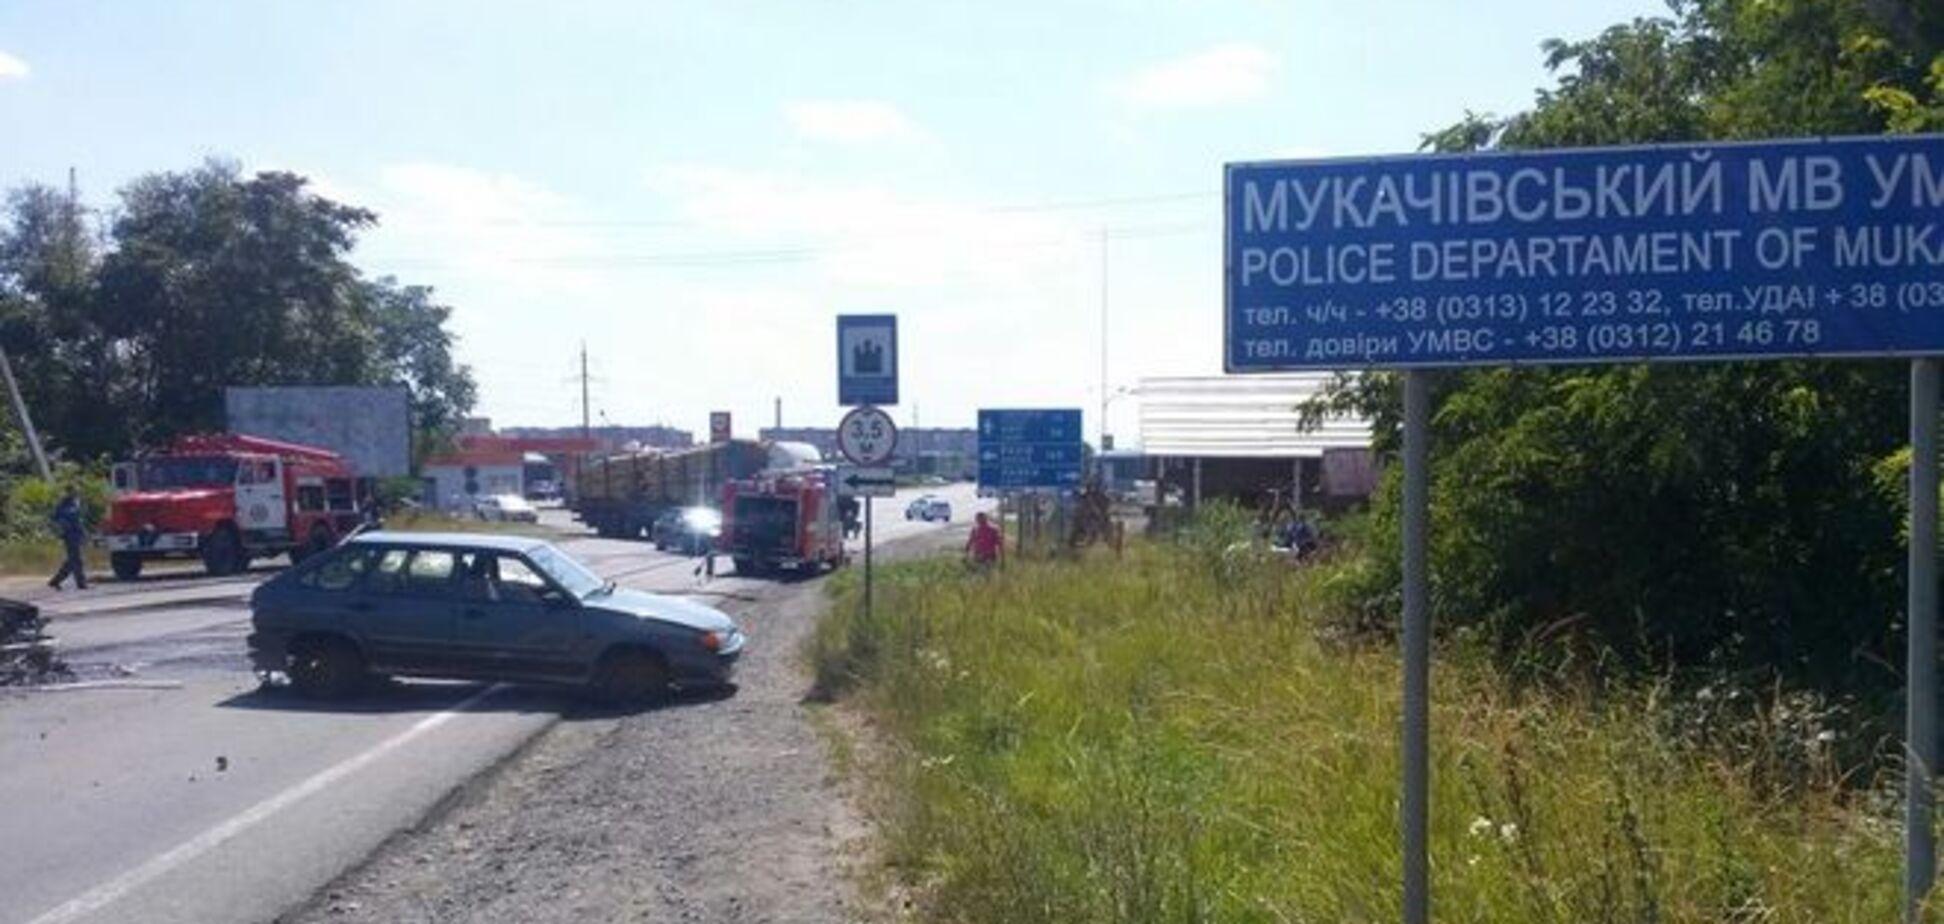 Тарасенко пояснив, де 'Правий сектор' в Мукачеві взяв зброю